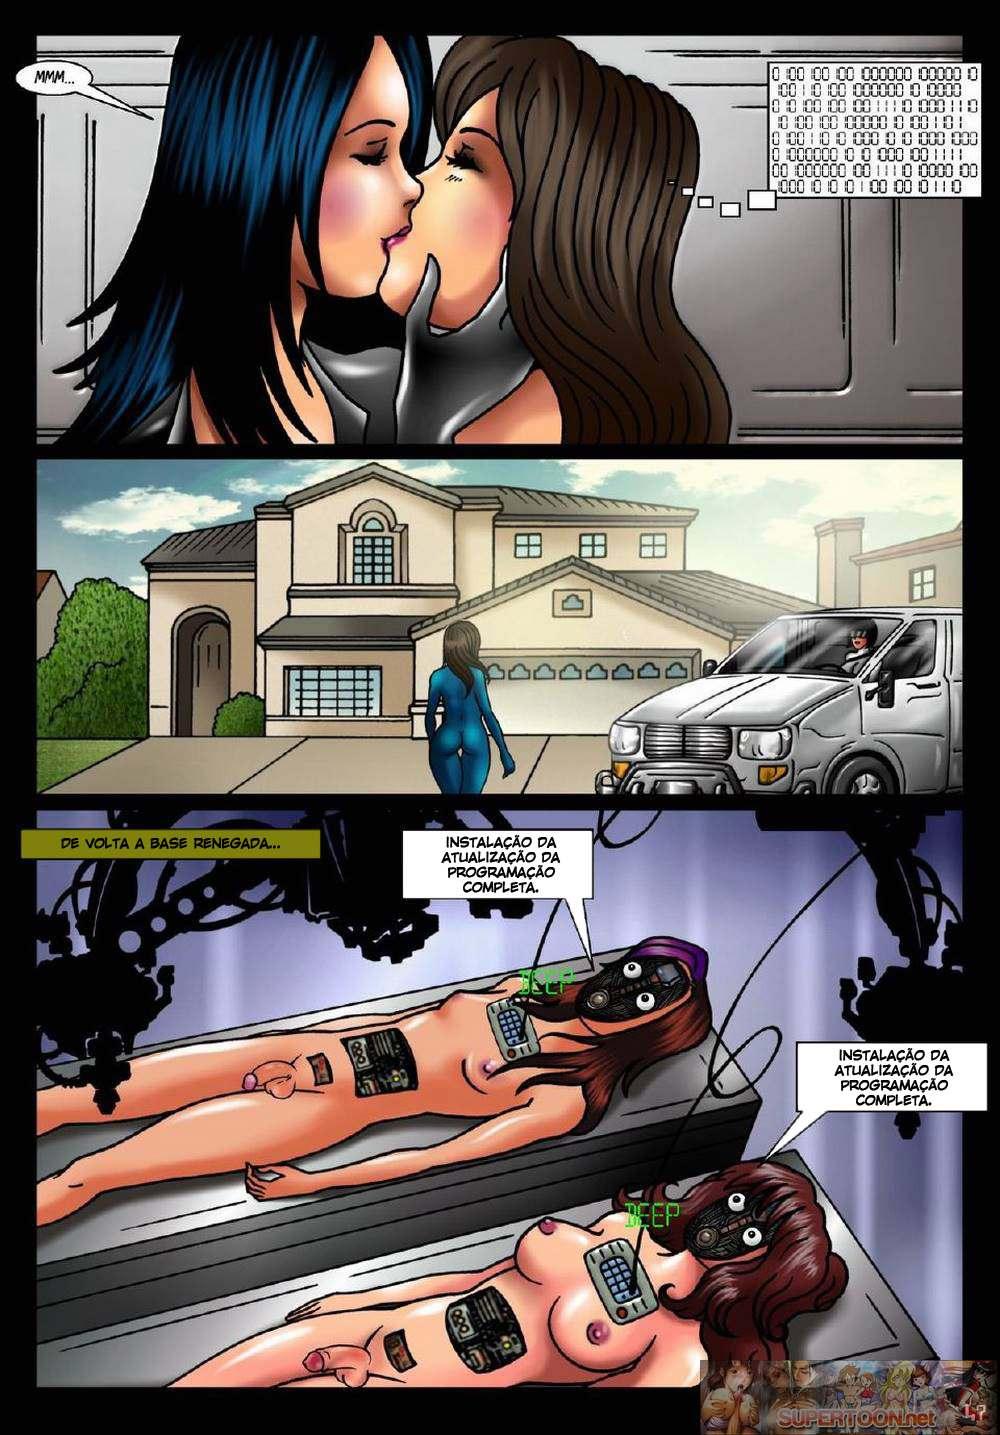 Robôs-renegadas-Quadrinhos-de-sexo-10